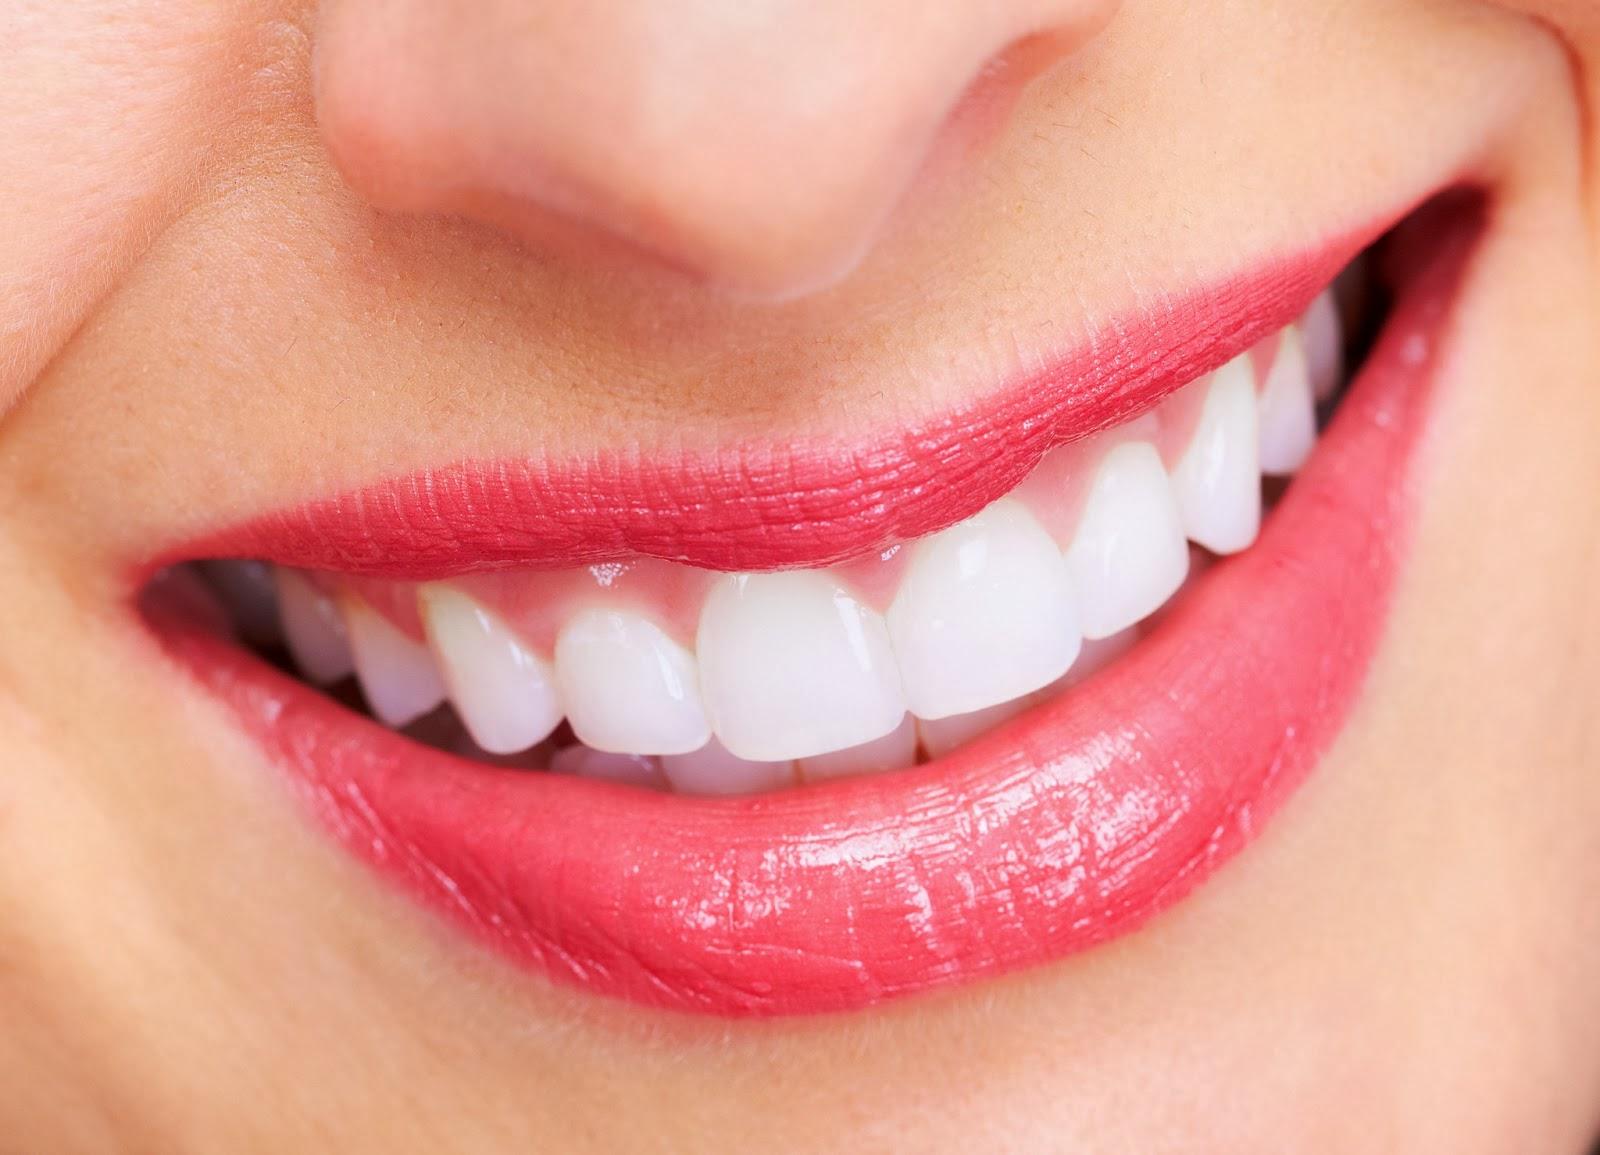 Quy trình làm răng sứ toàn sứ như thế nào? 3